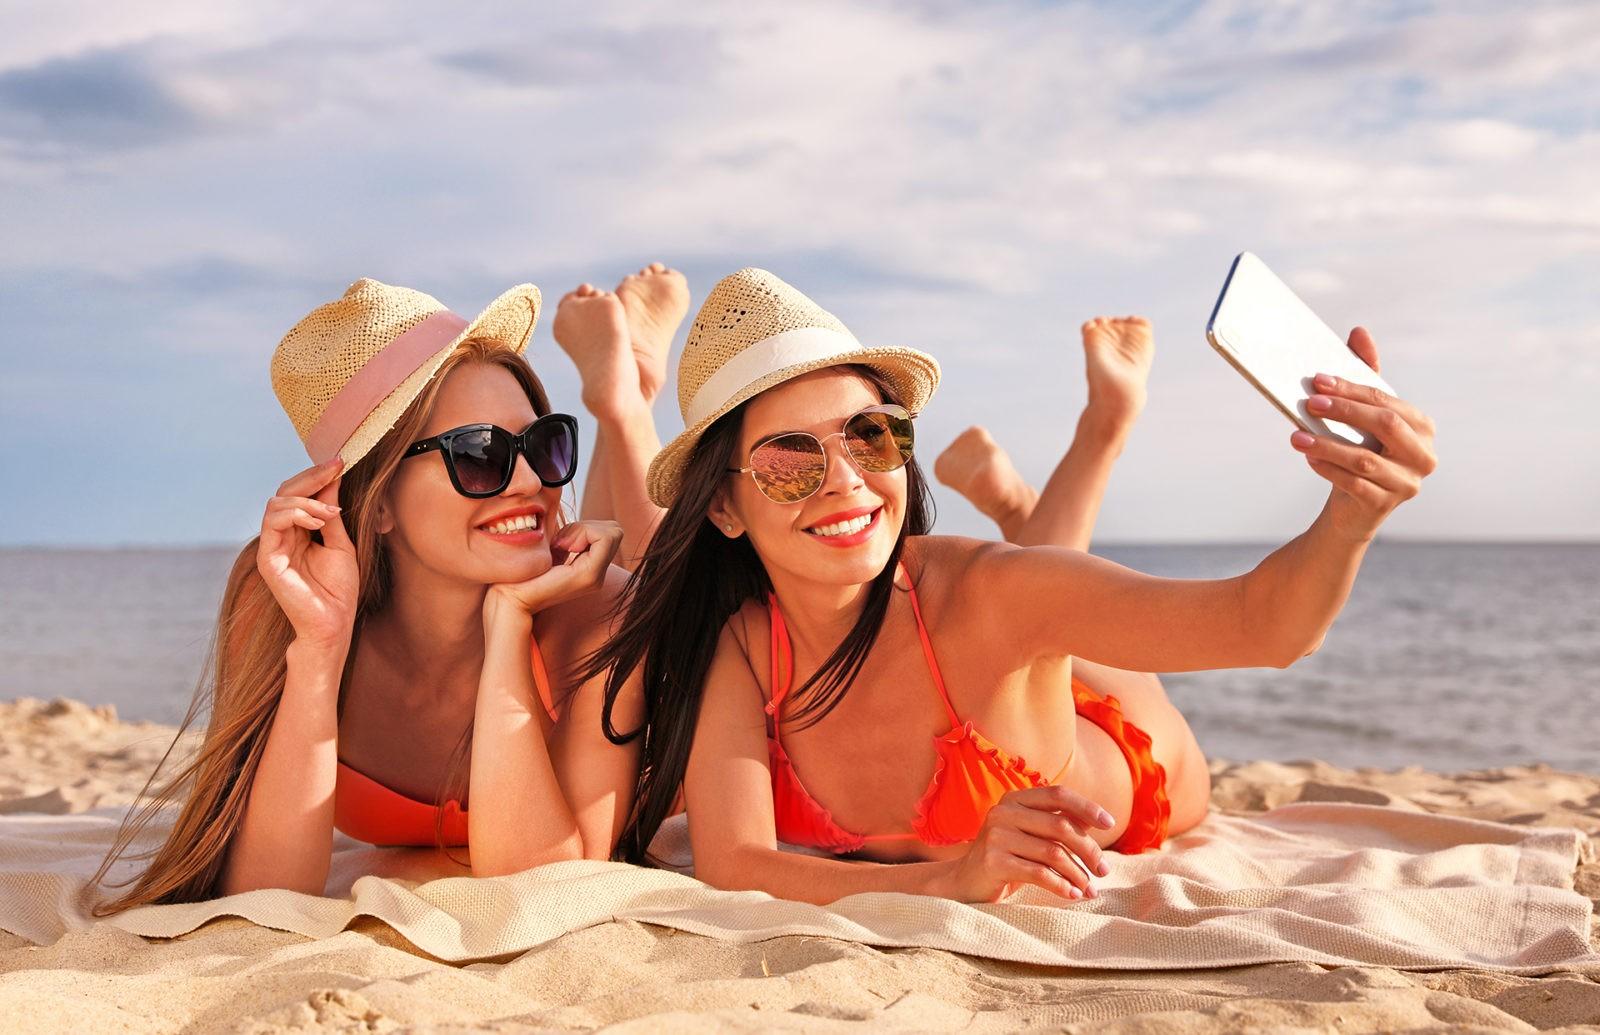 Young couple in bikini taking selfie on beach